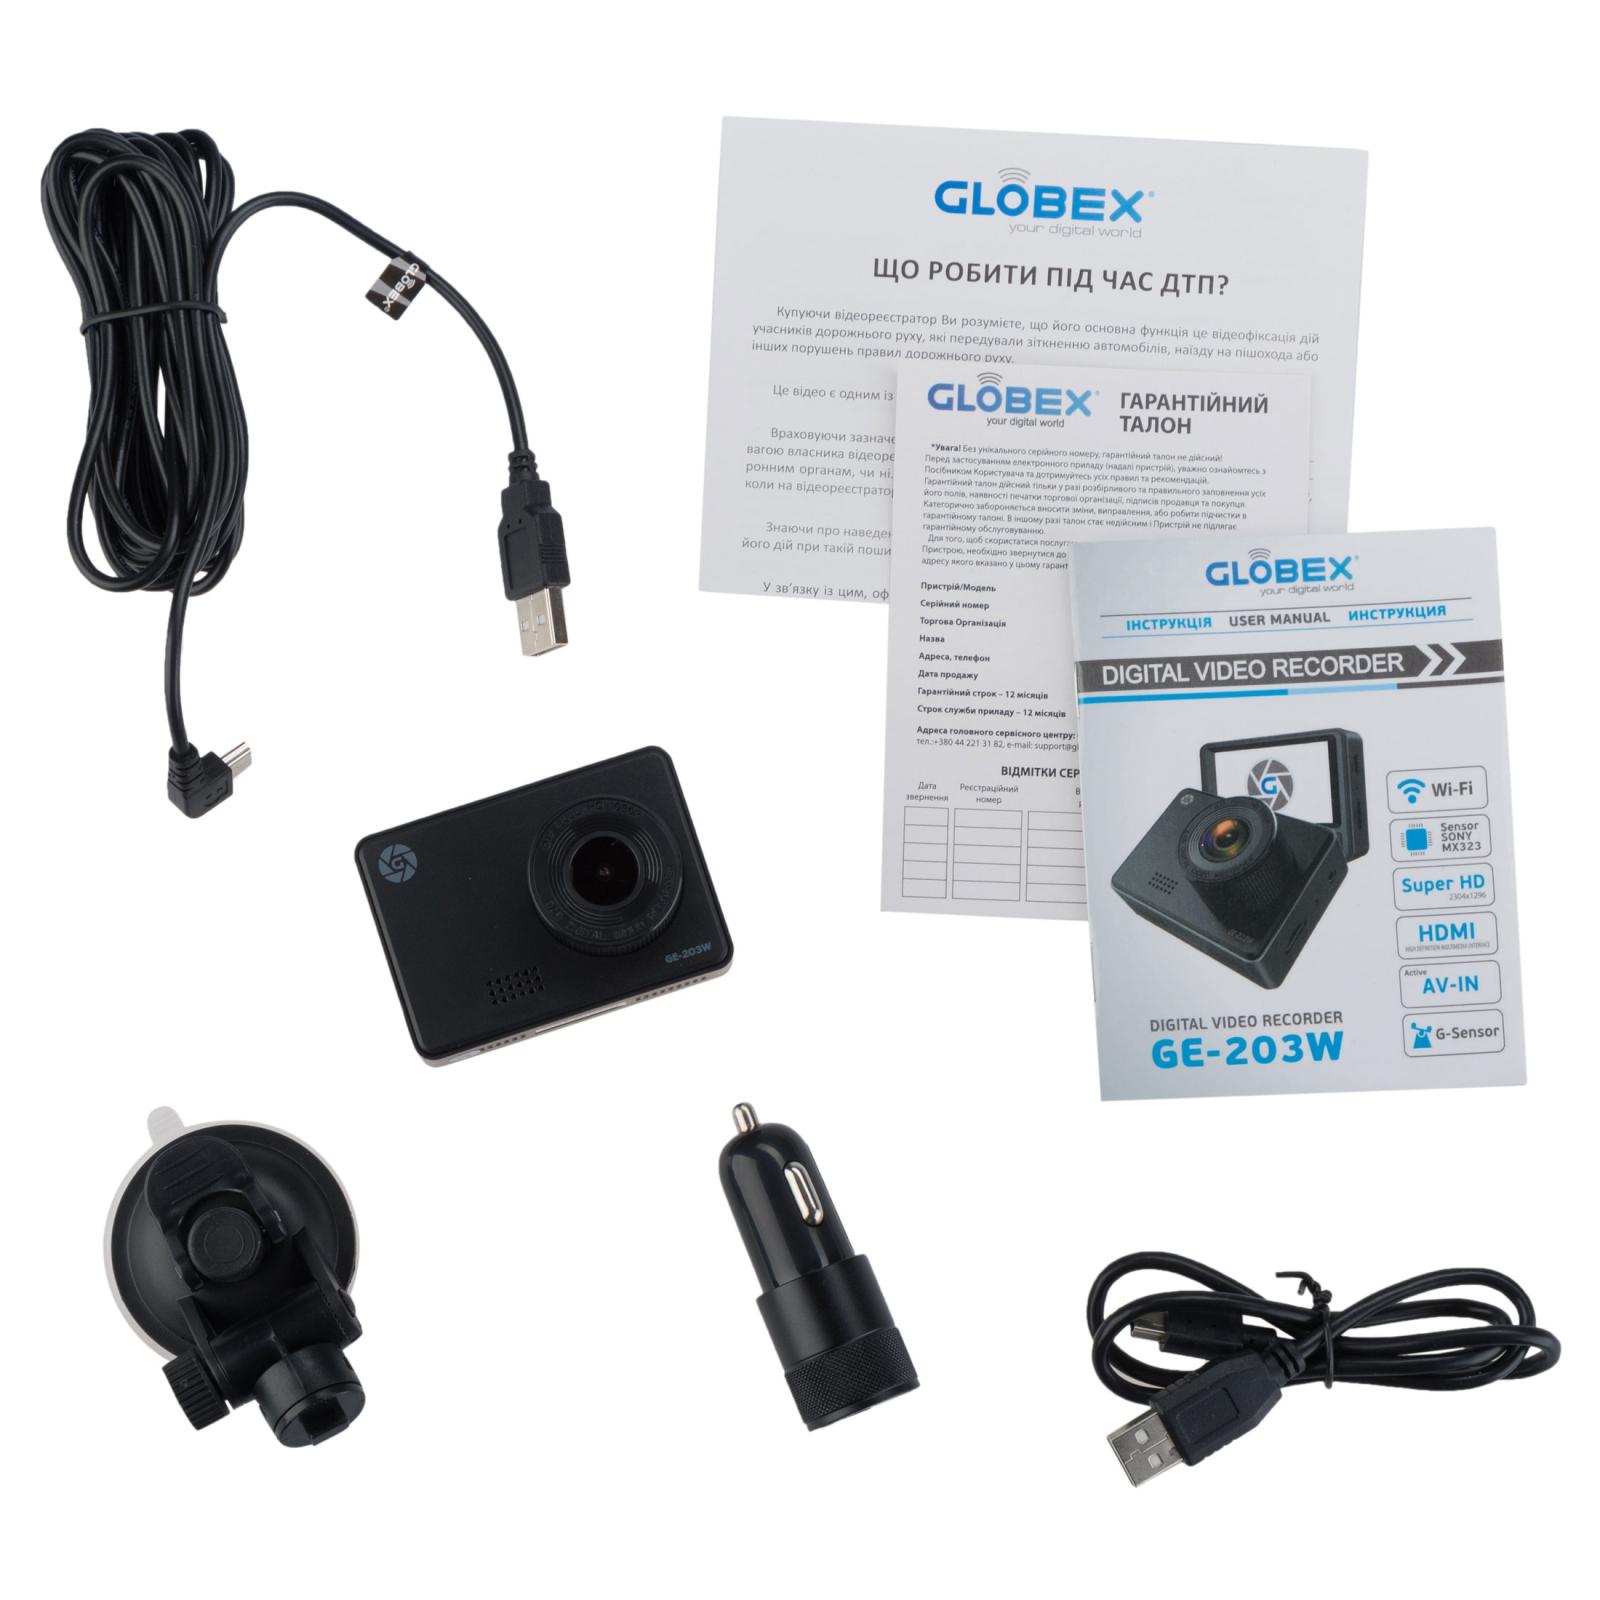 Видеорегистратор Globex GE-203w изображение 8